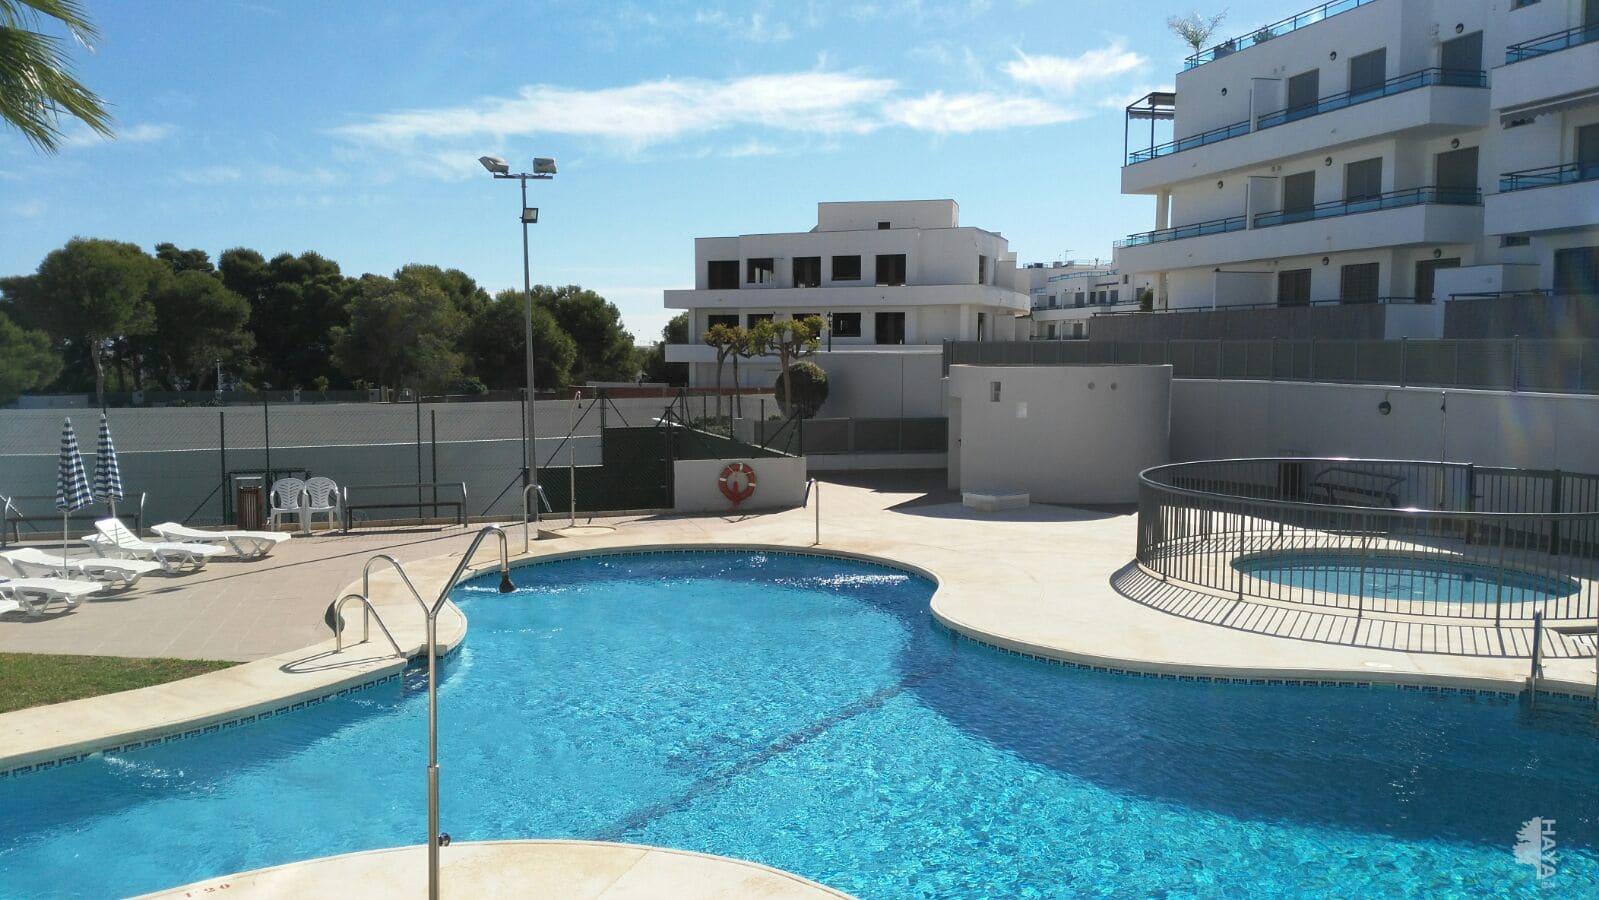 Piso en venta en Garrucha, Almería, Calle Murillo (pinar de Garrucha), B, 196.000 €, 2 habitaciones, 2 baños, 68 m2